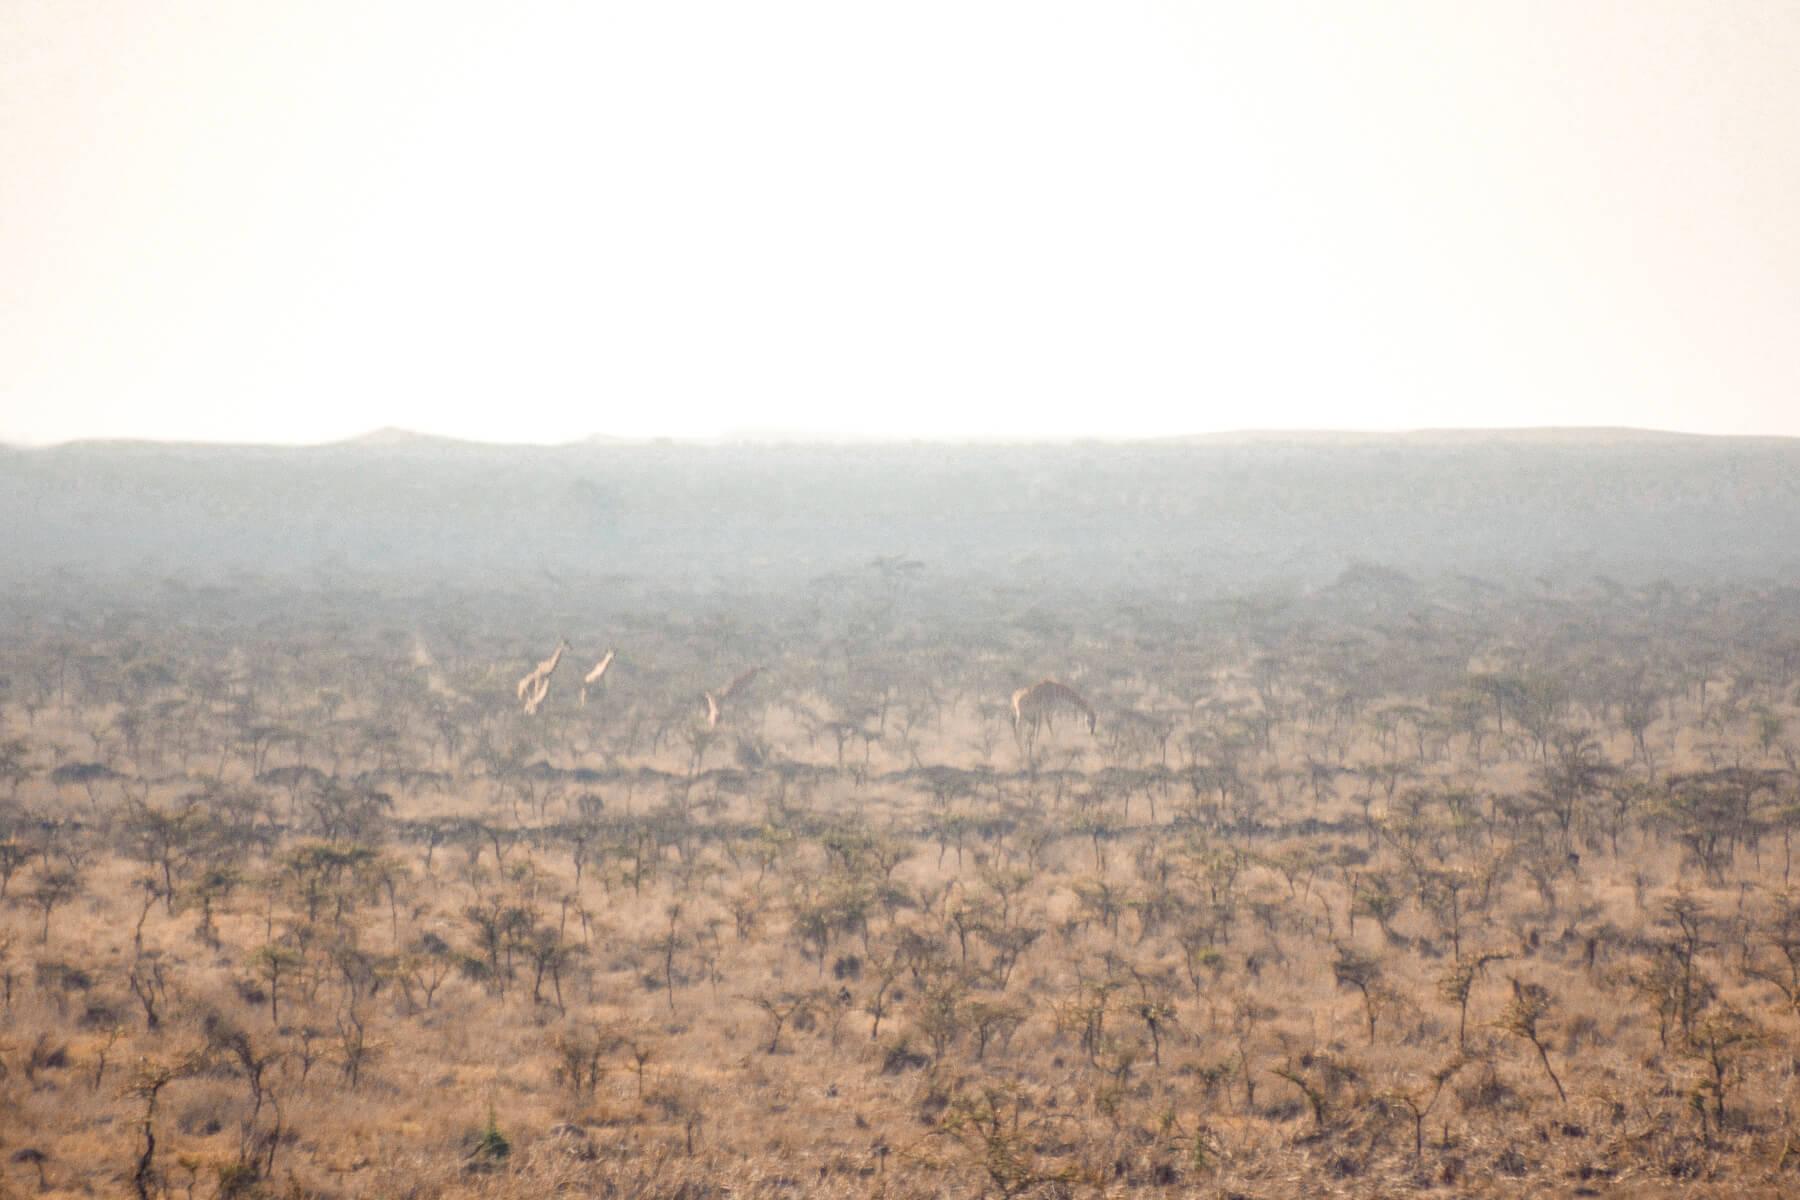 giraffe walking across the Nairobi National Park